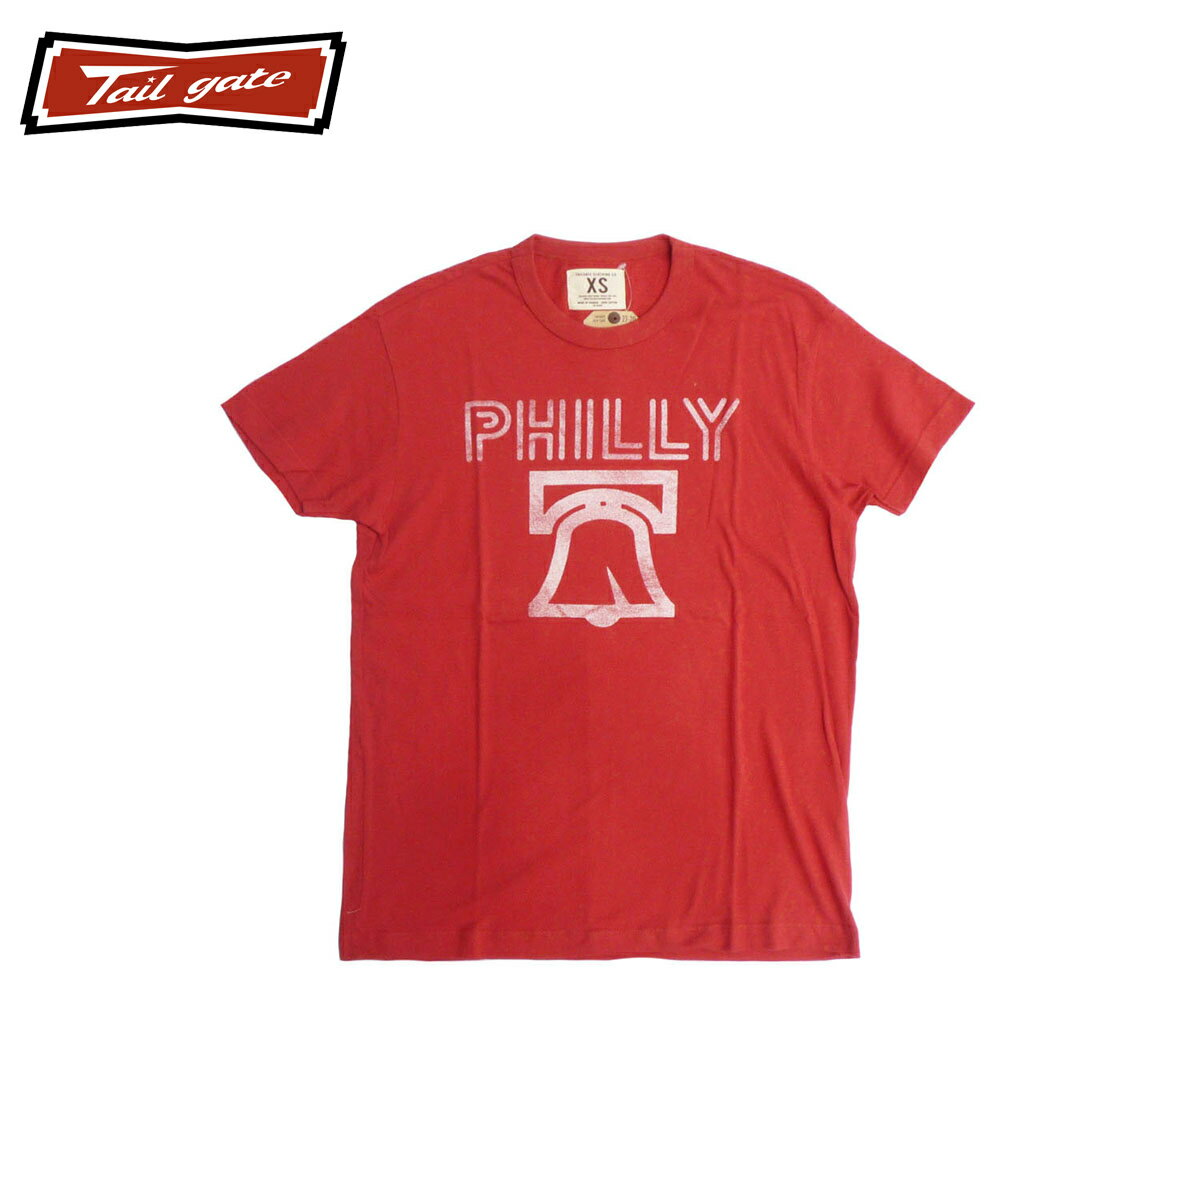 トップス, Tシャツ・カットソー TAILGATE PHILLY T XS-MT